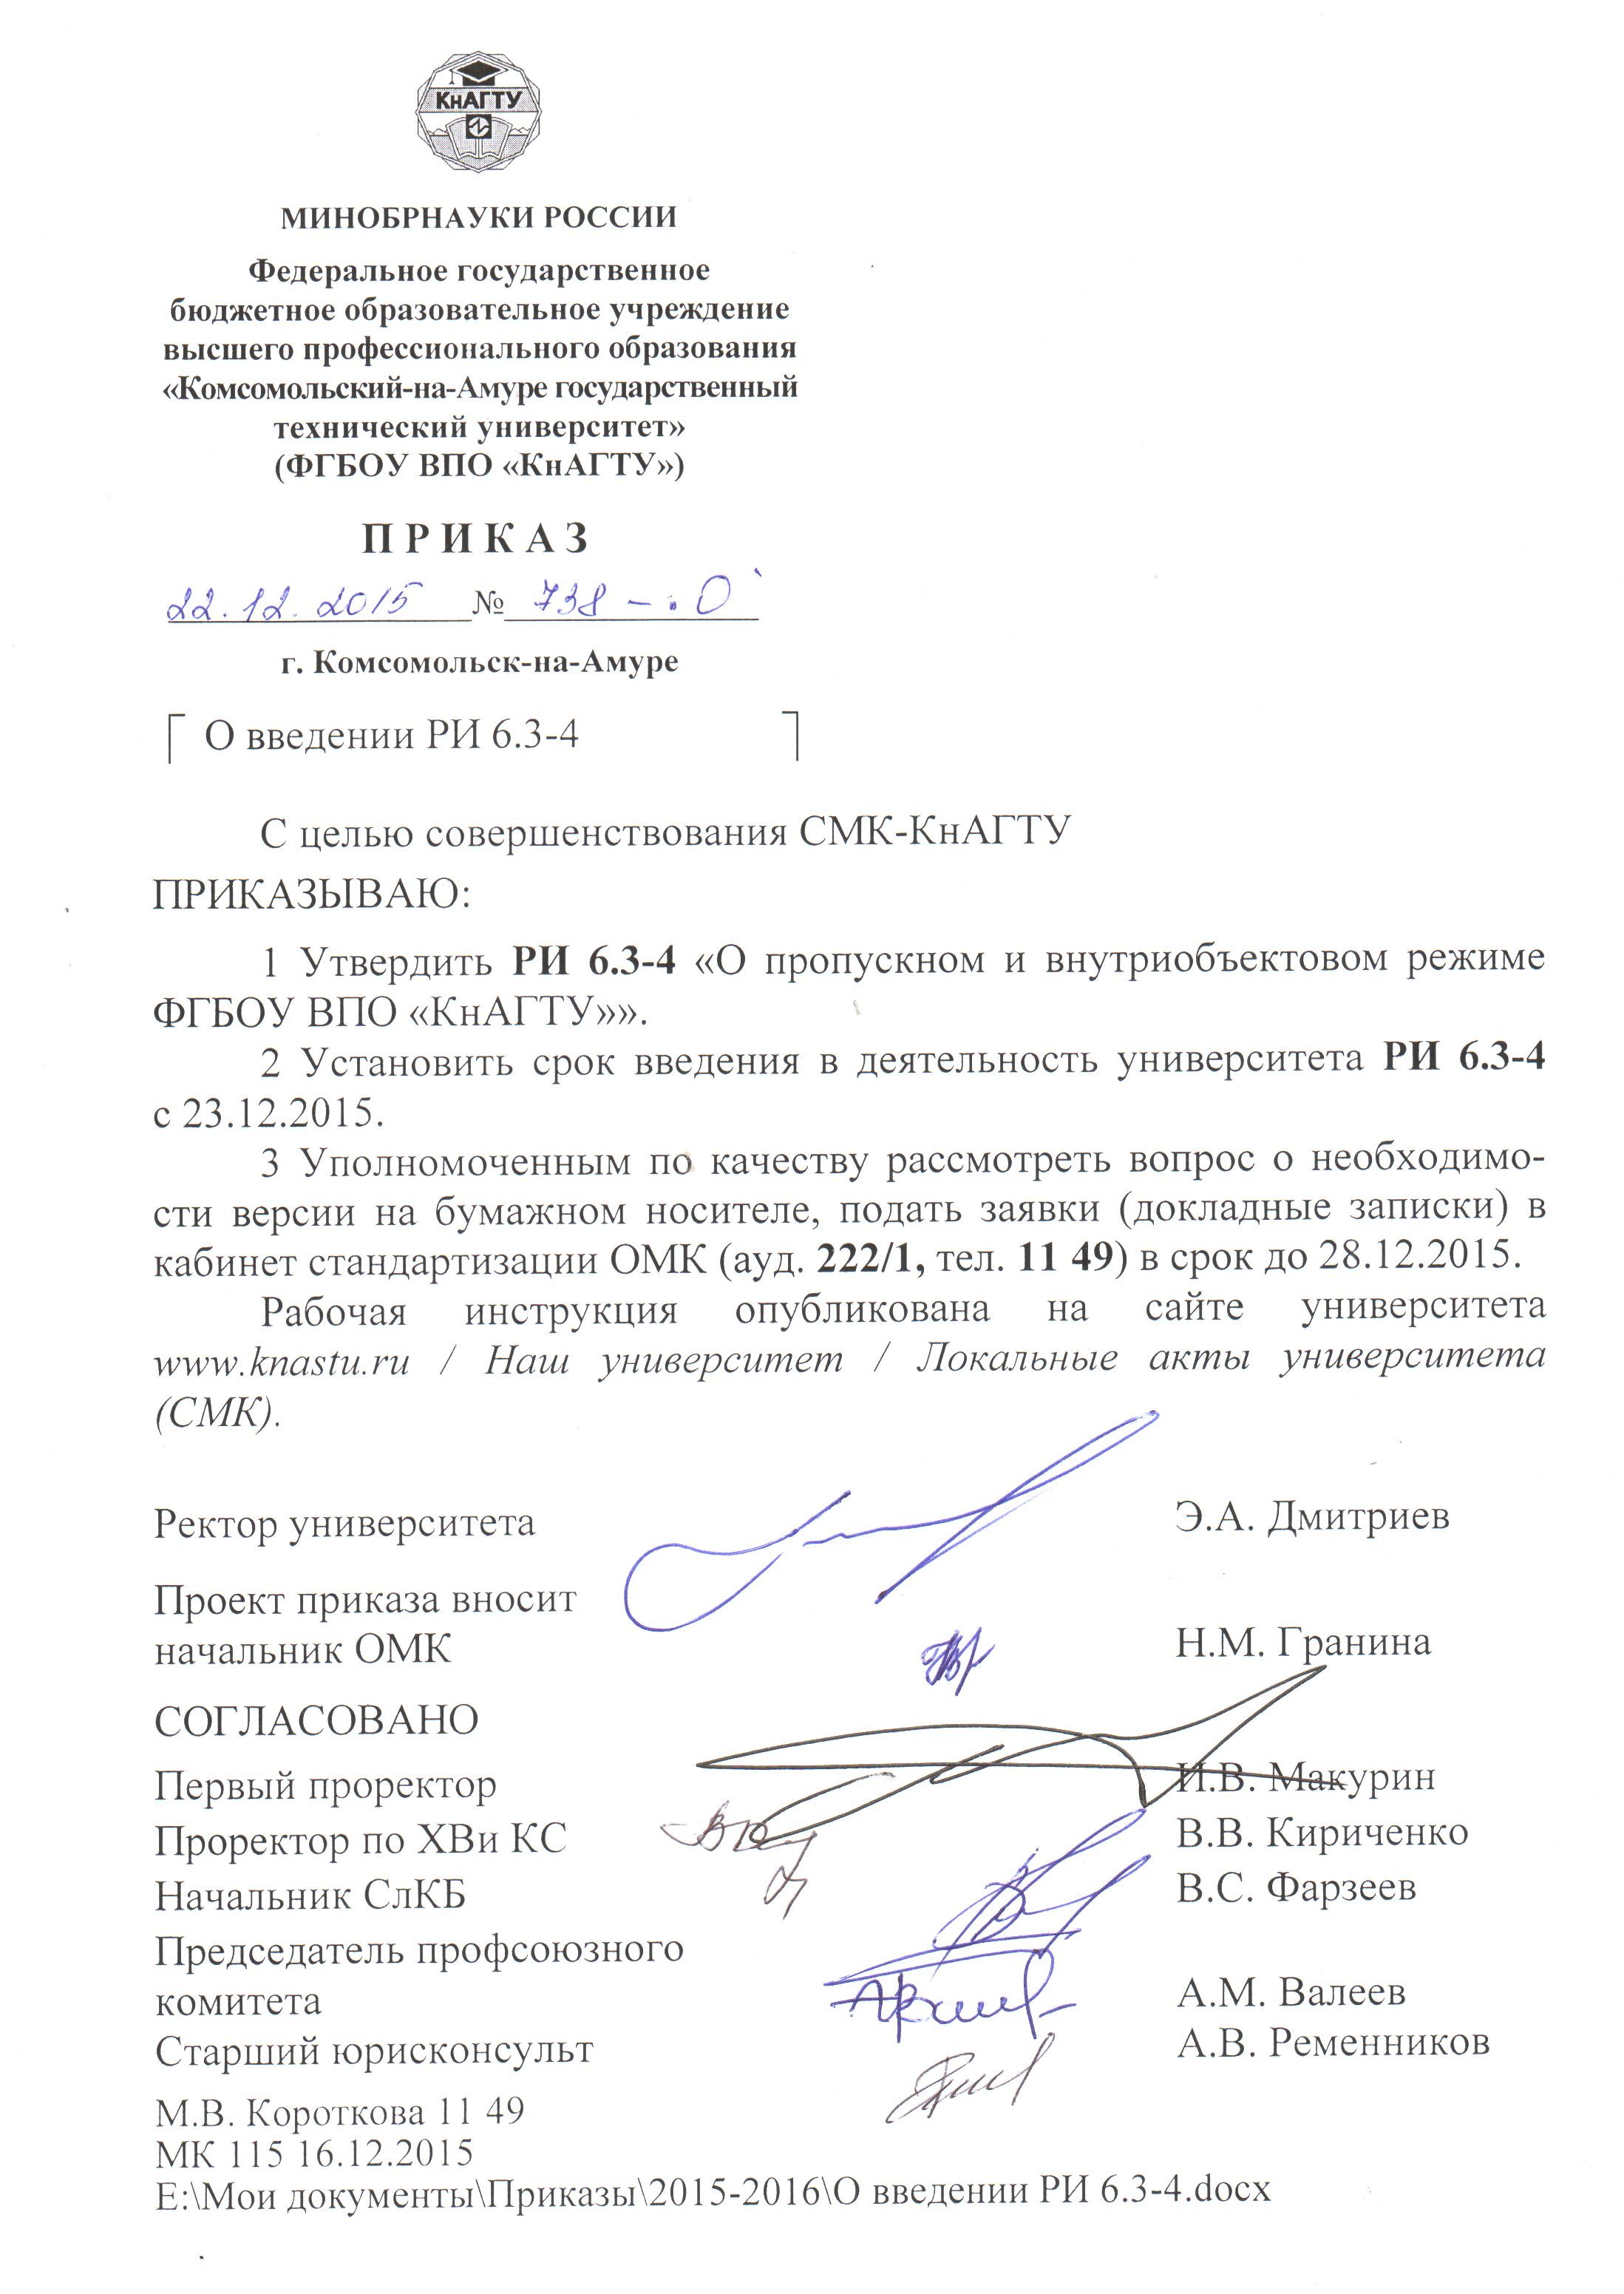 Кнагу локальные акты университета (смк).